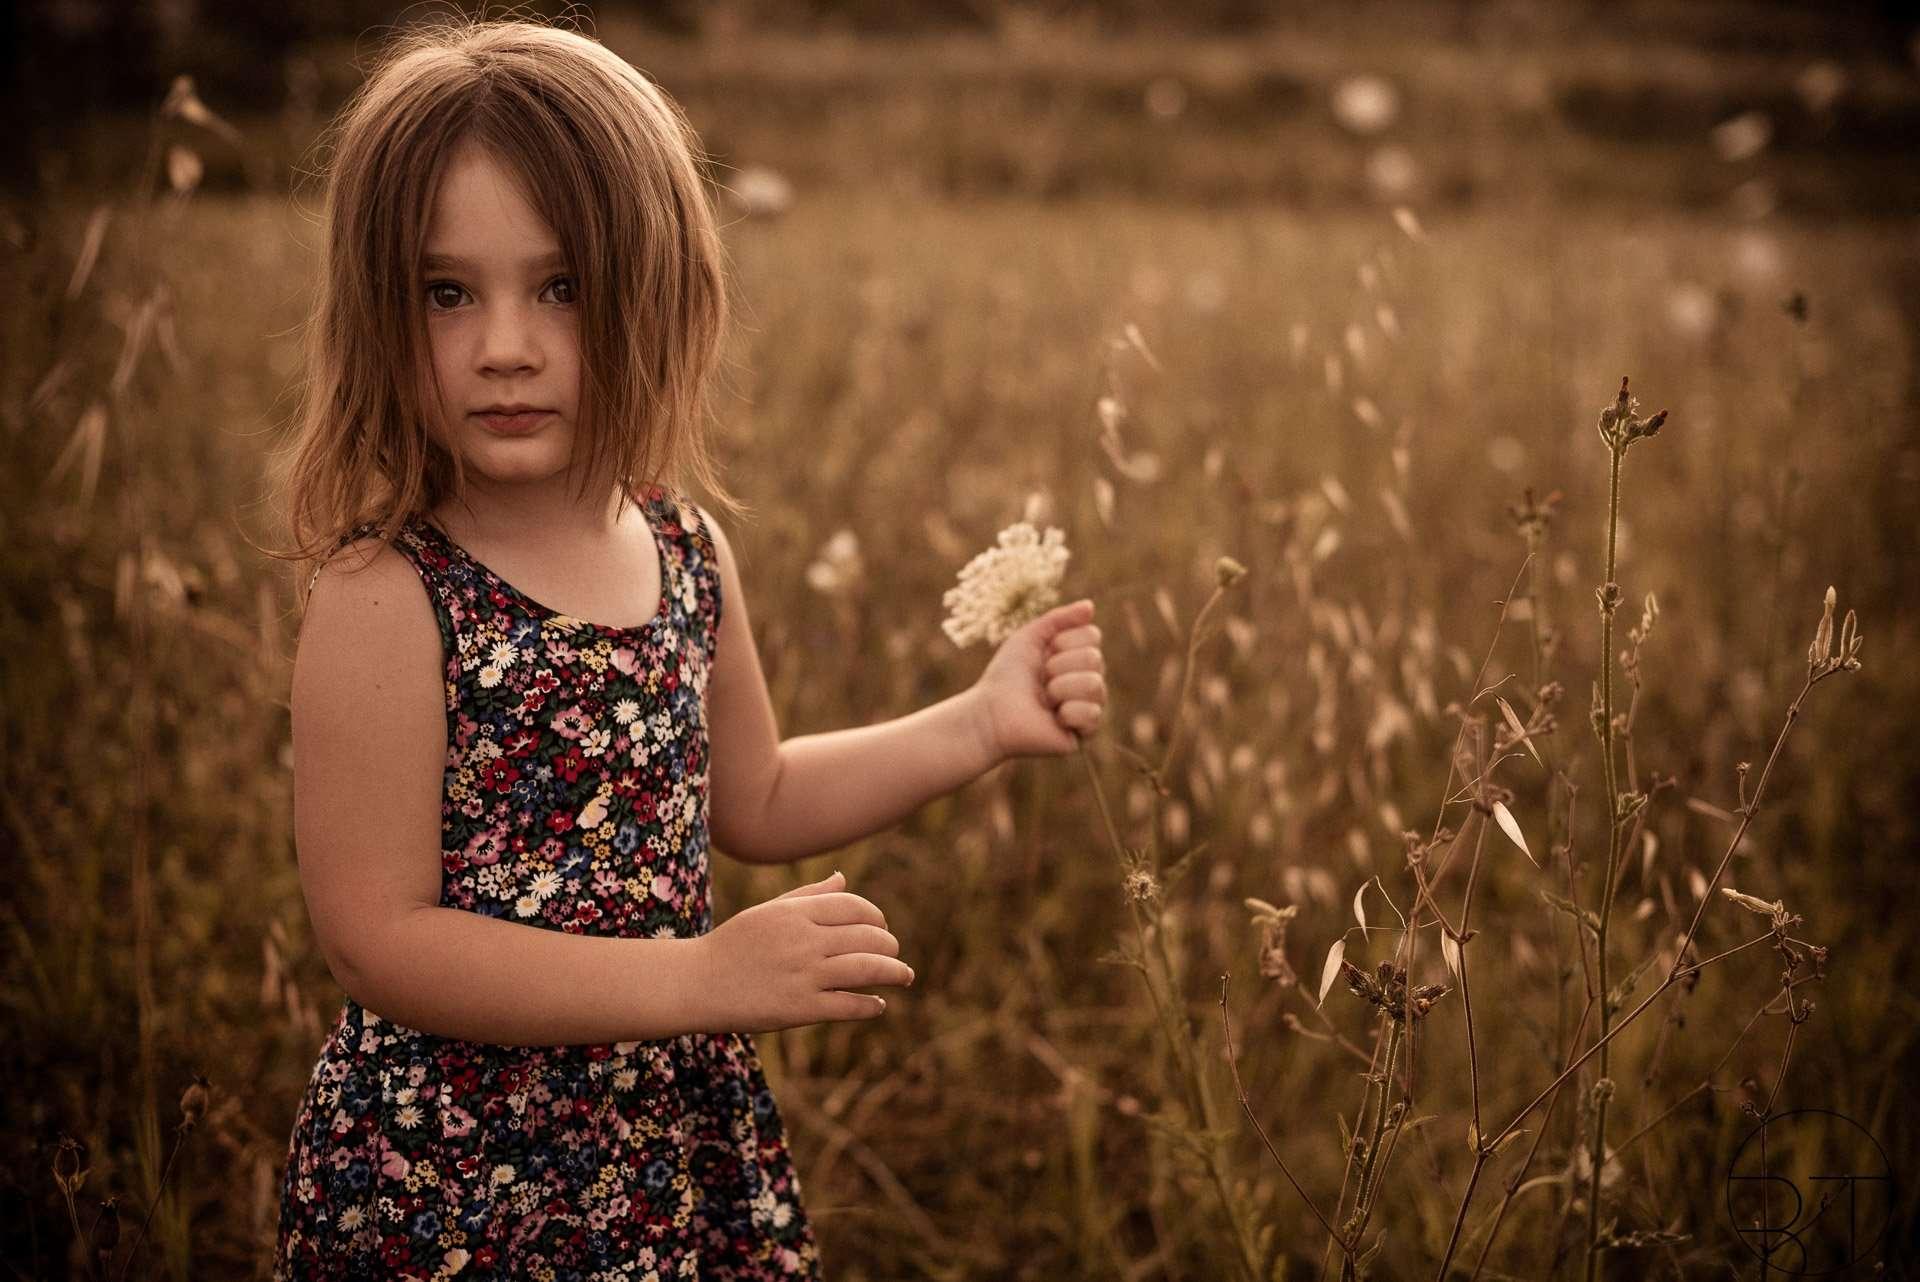 Fotografia di bambina che raccoglie fiori realizzata da Barbara Trincone Fotografo specializzato ritratti di famiglia a Napoli, Salerno, Avellino, Caserta